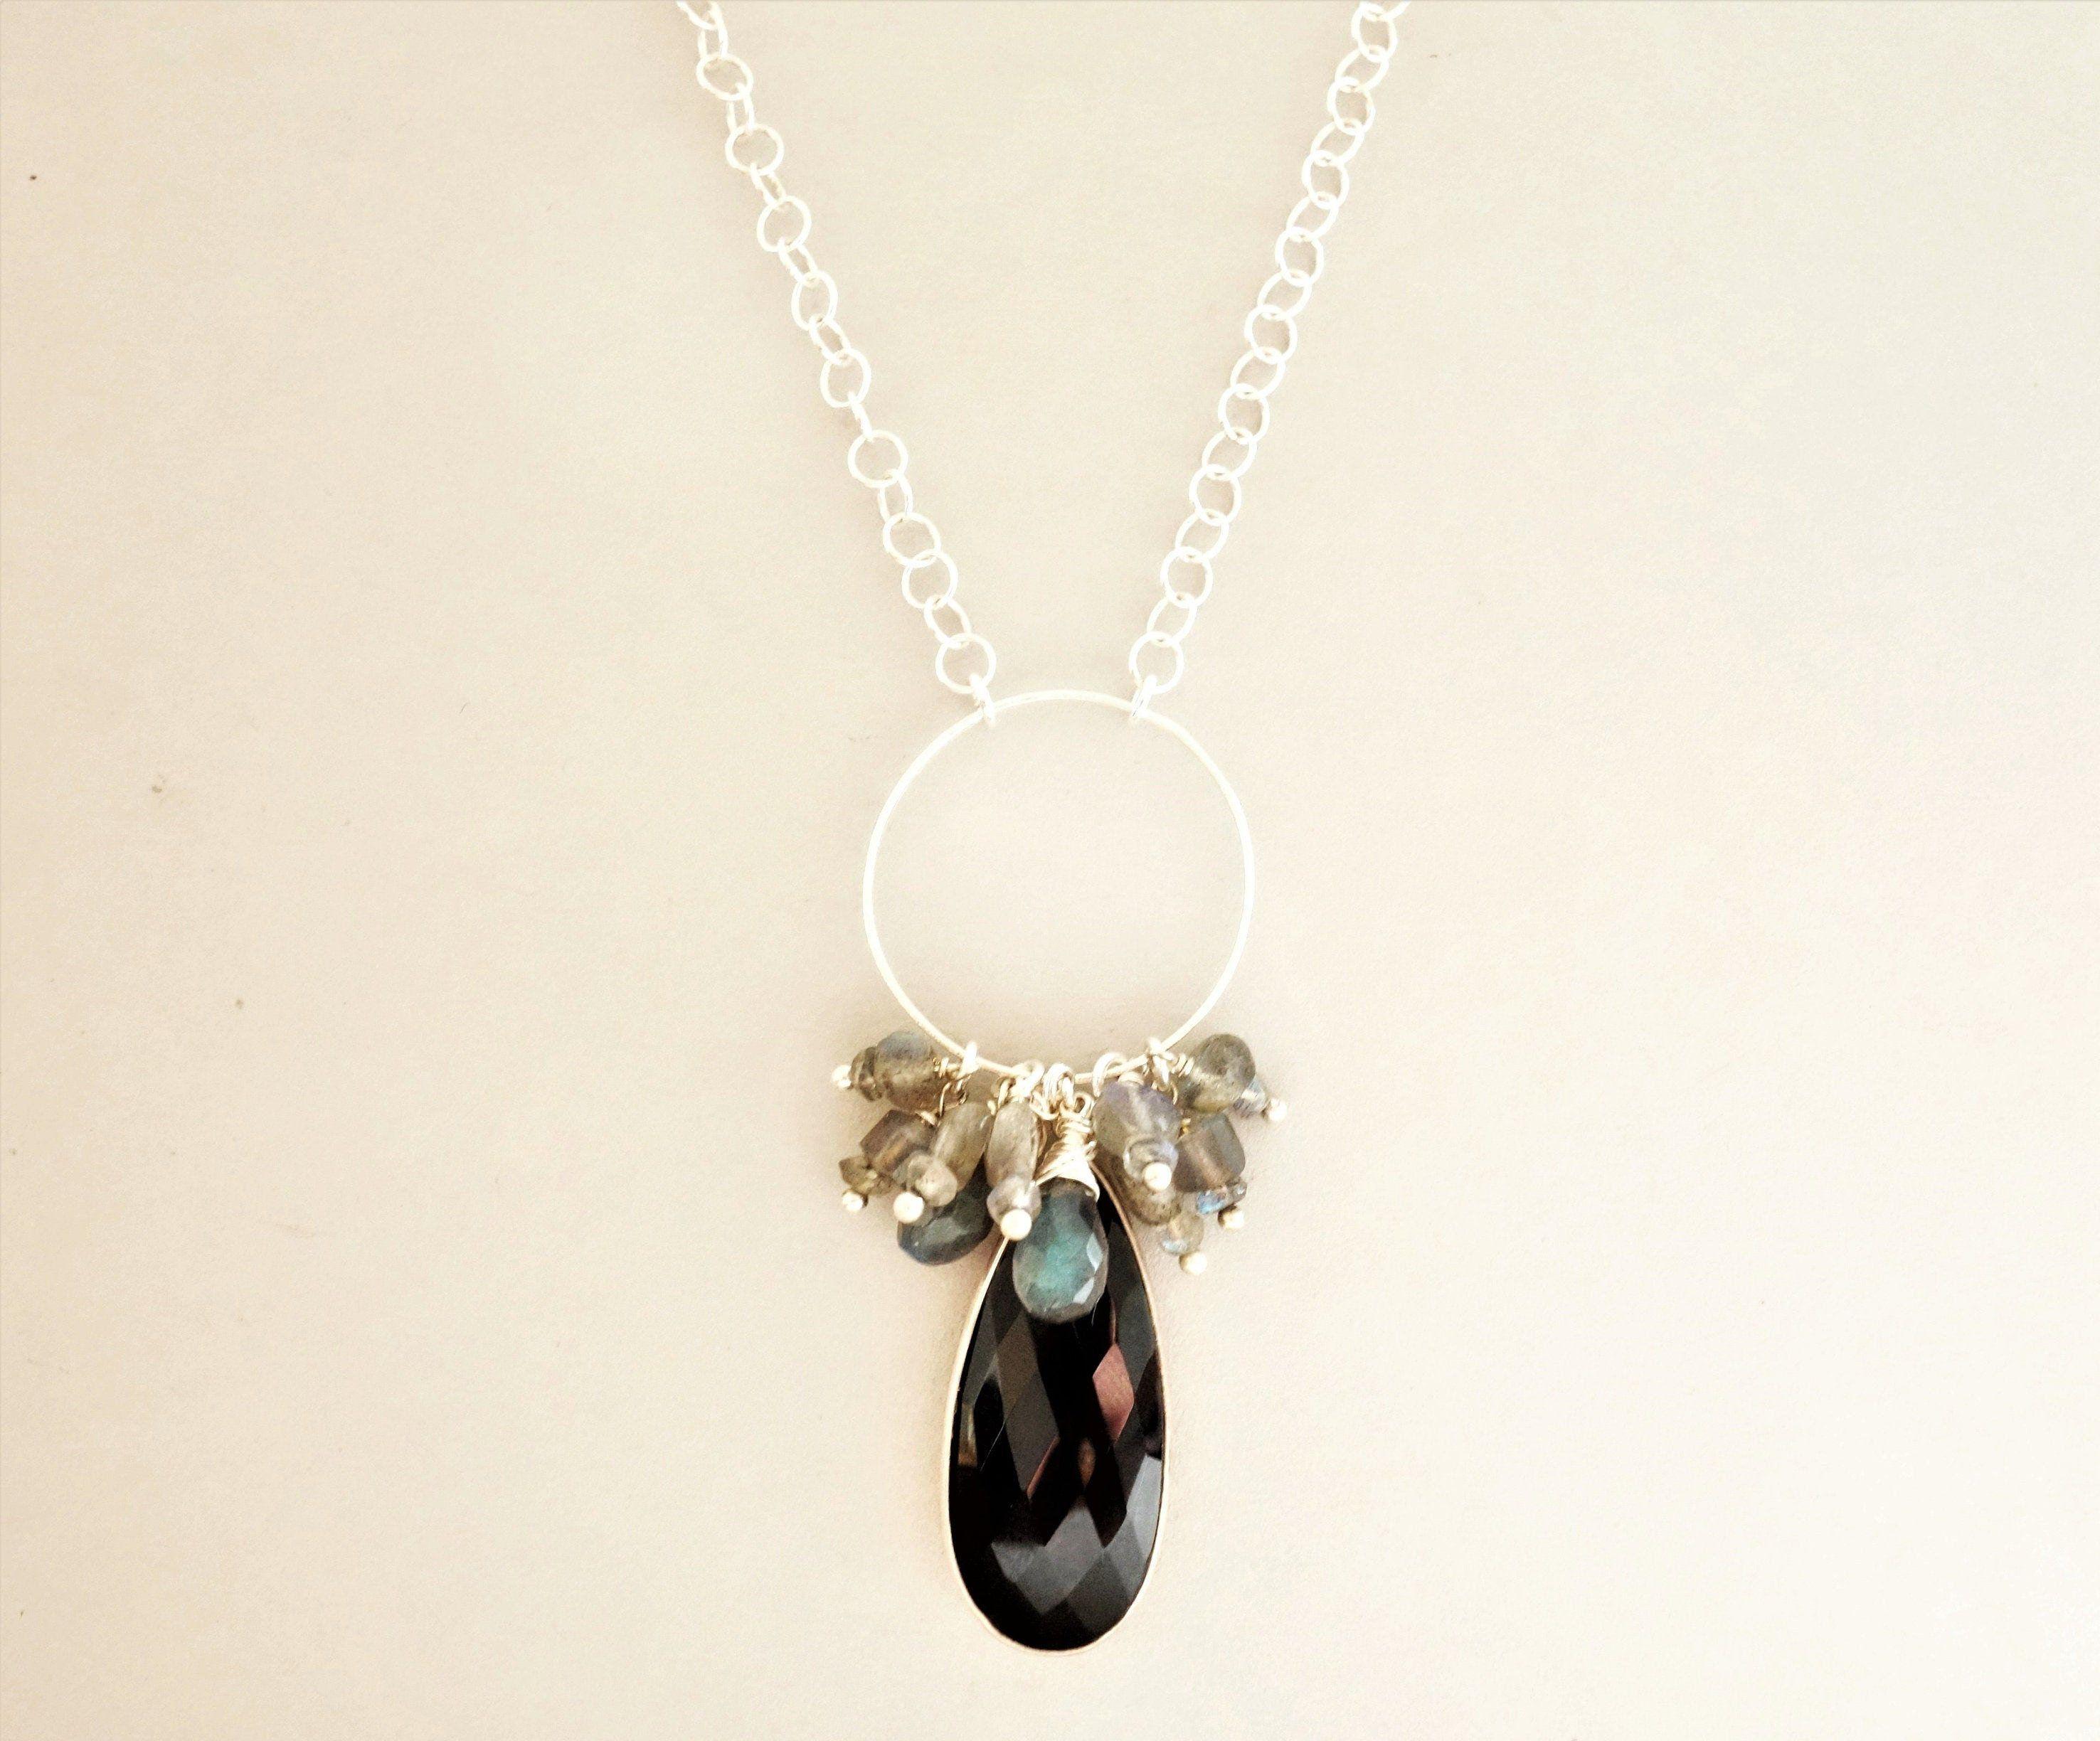 Silberkette mit Onyx Tropfen-Anhänger